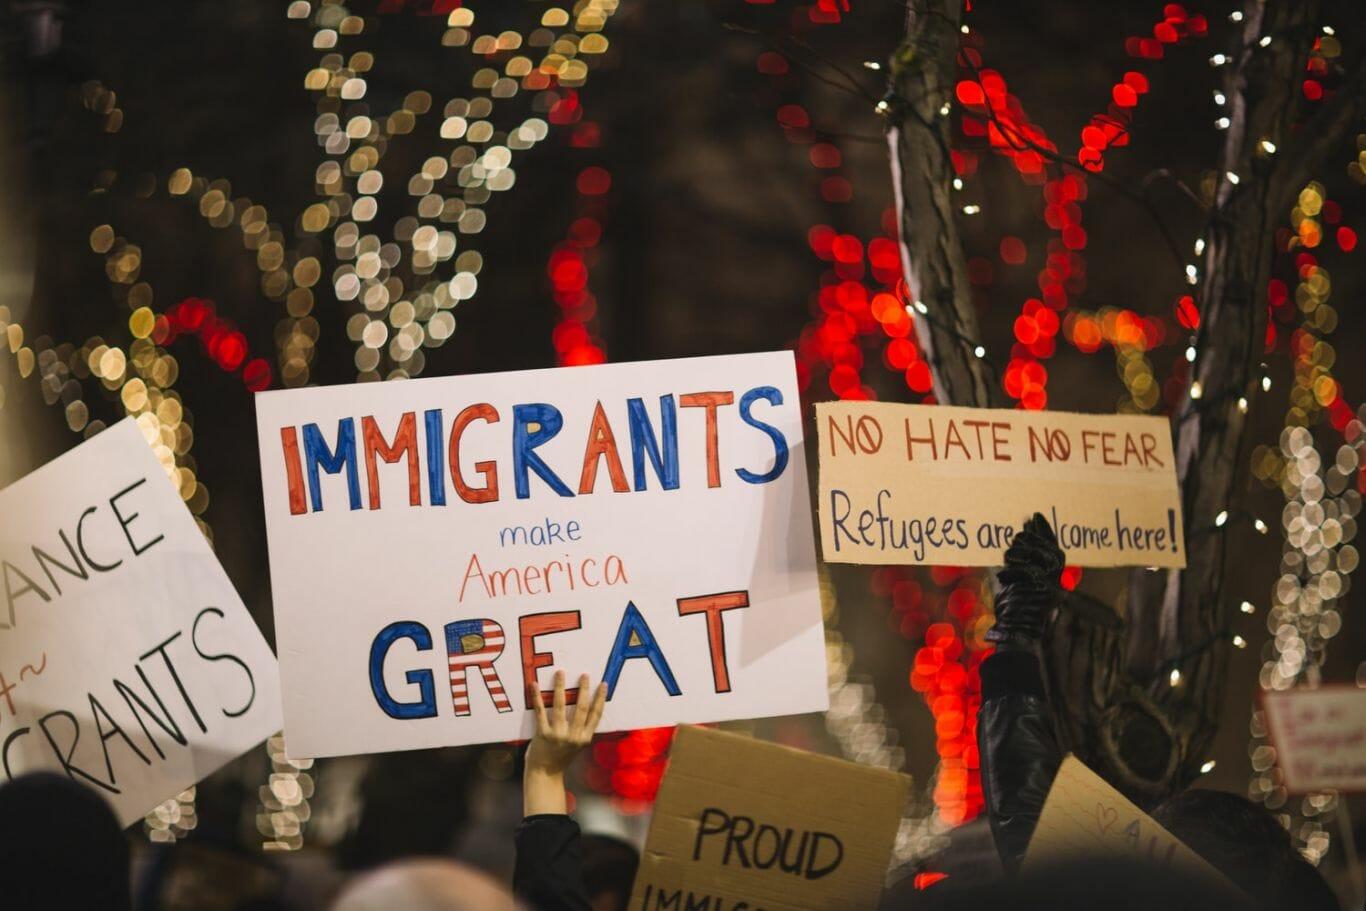 """Pessoas seguram placas com os dizeres em inglês: """"Imigrantes tornam a América grande"""" e """"Sem ódio ou medo, refugiados são bem-vindos aqui"""""""